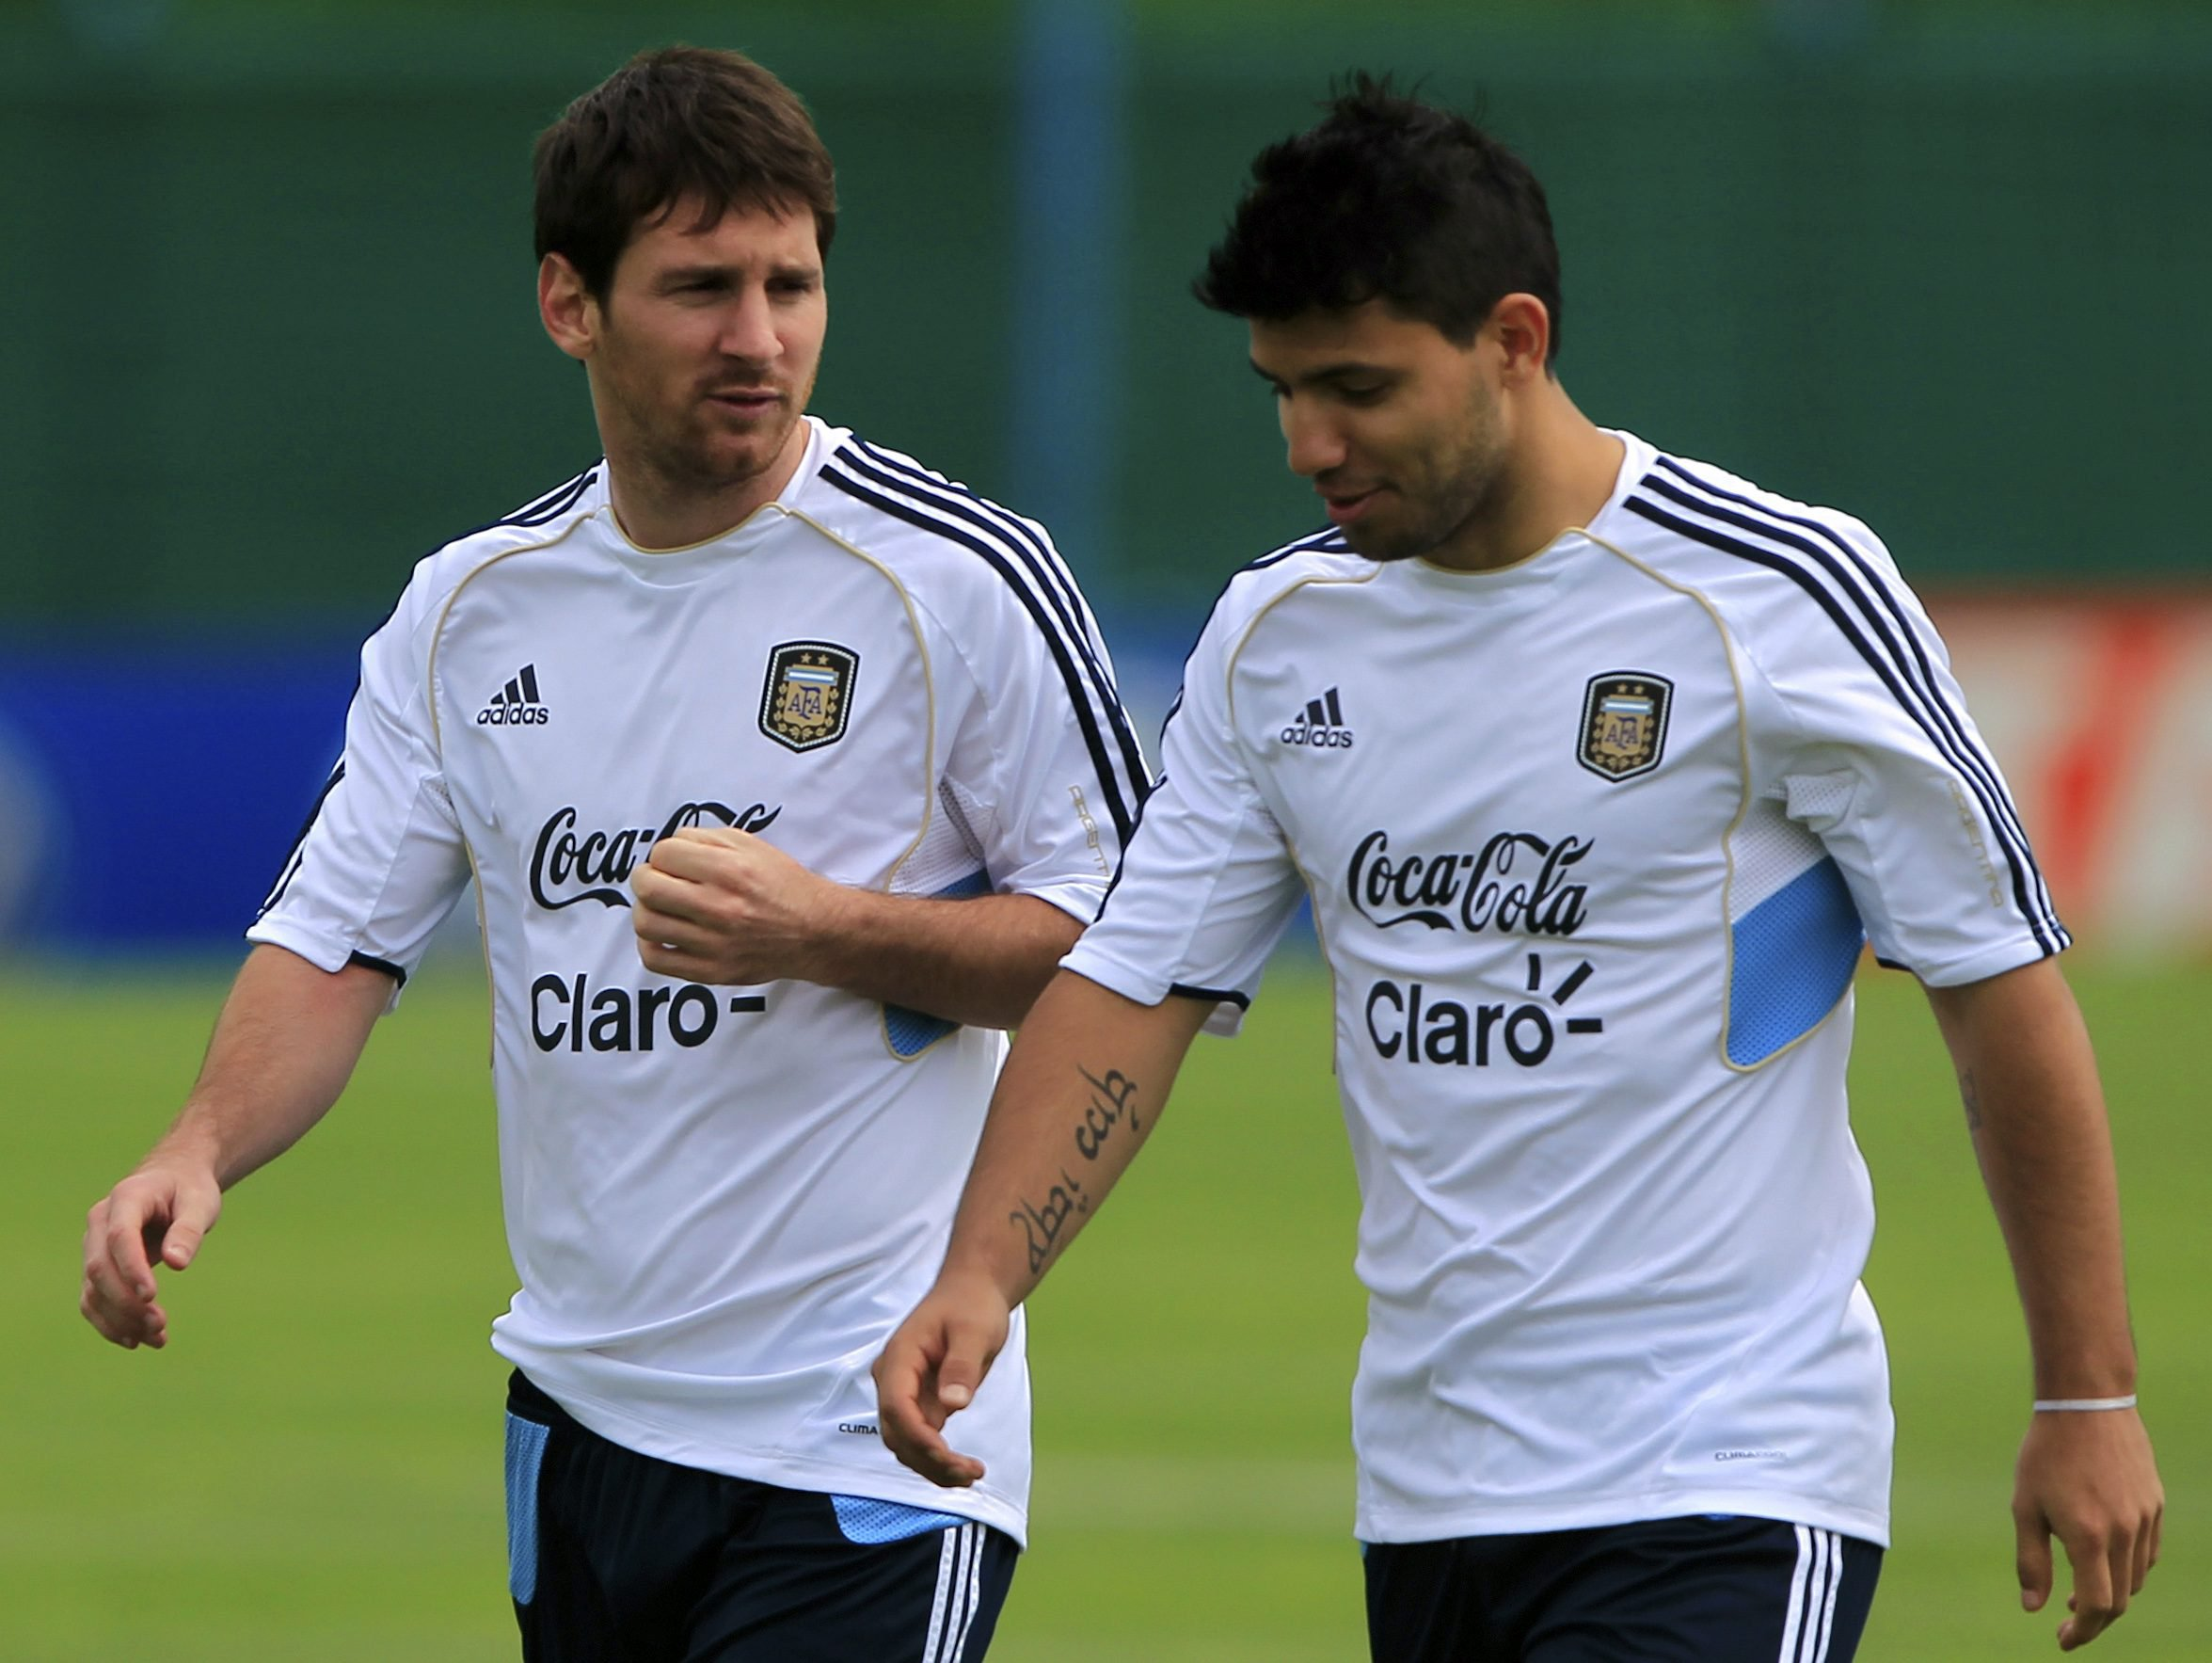 Messi i shkruan Aguero-s: Mos shko tek Reali